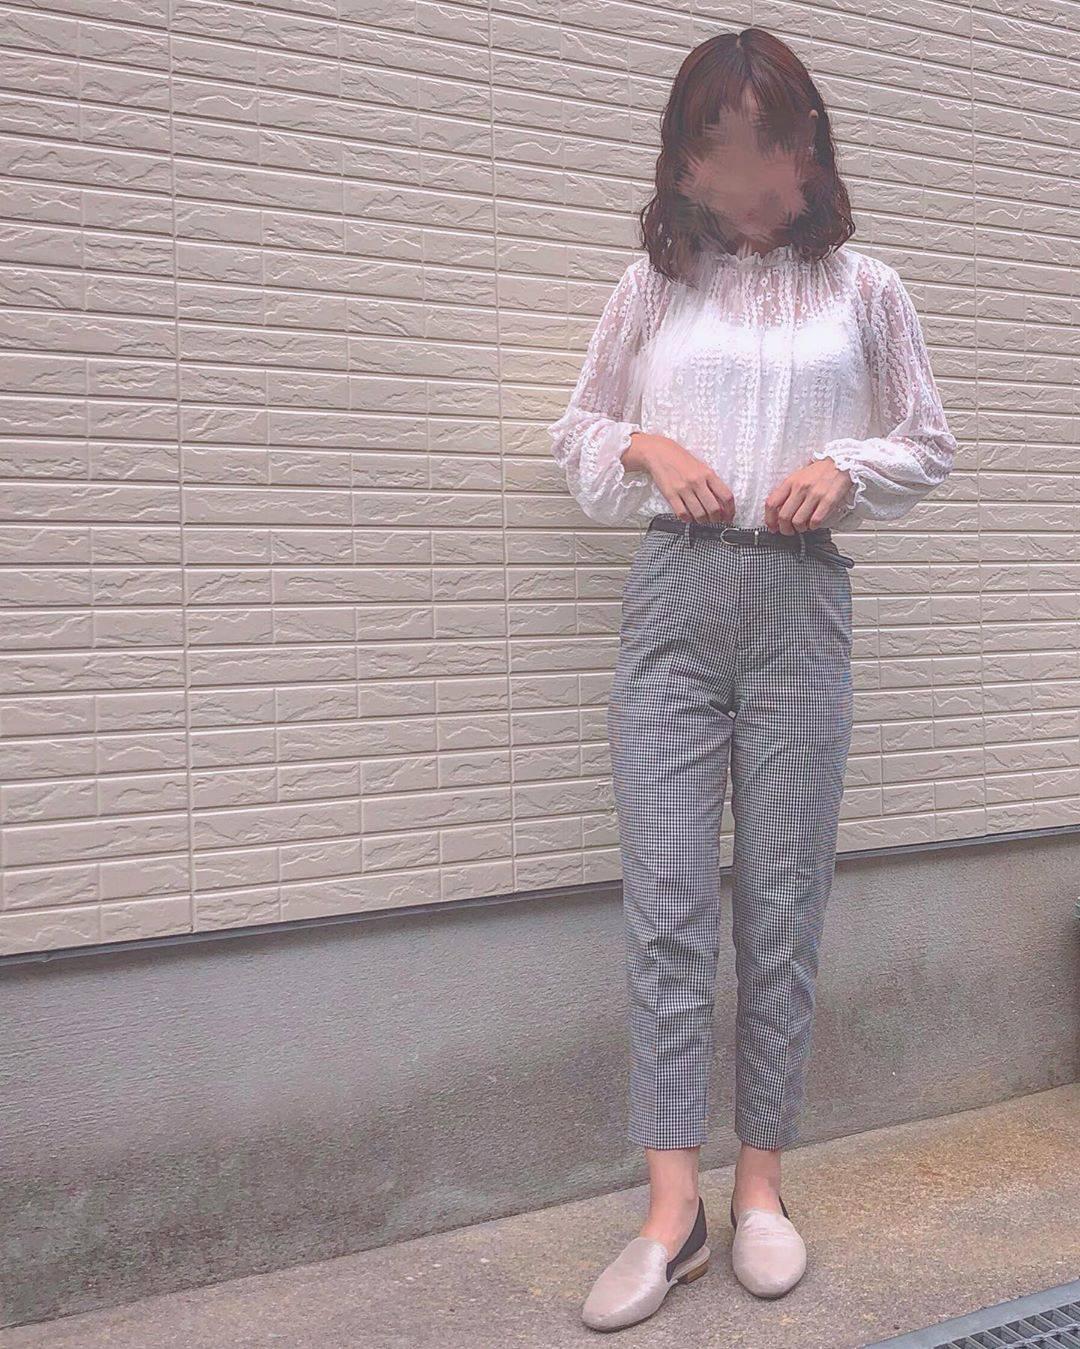 最高気温28度・最低気温19度 flower_22227の服装